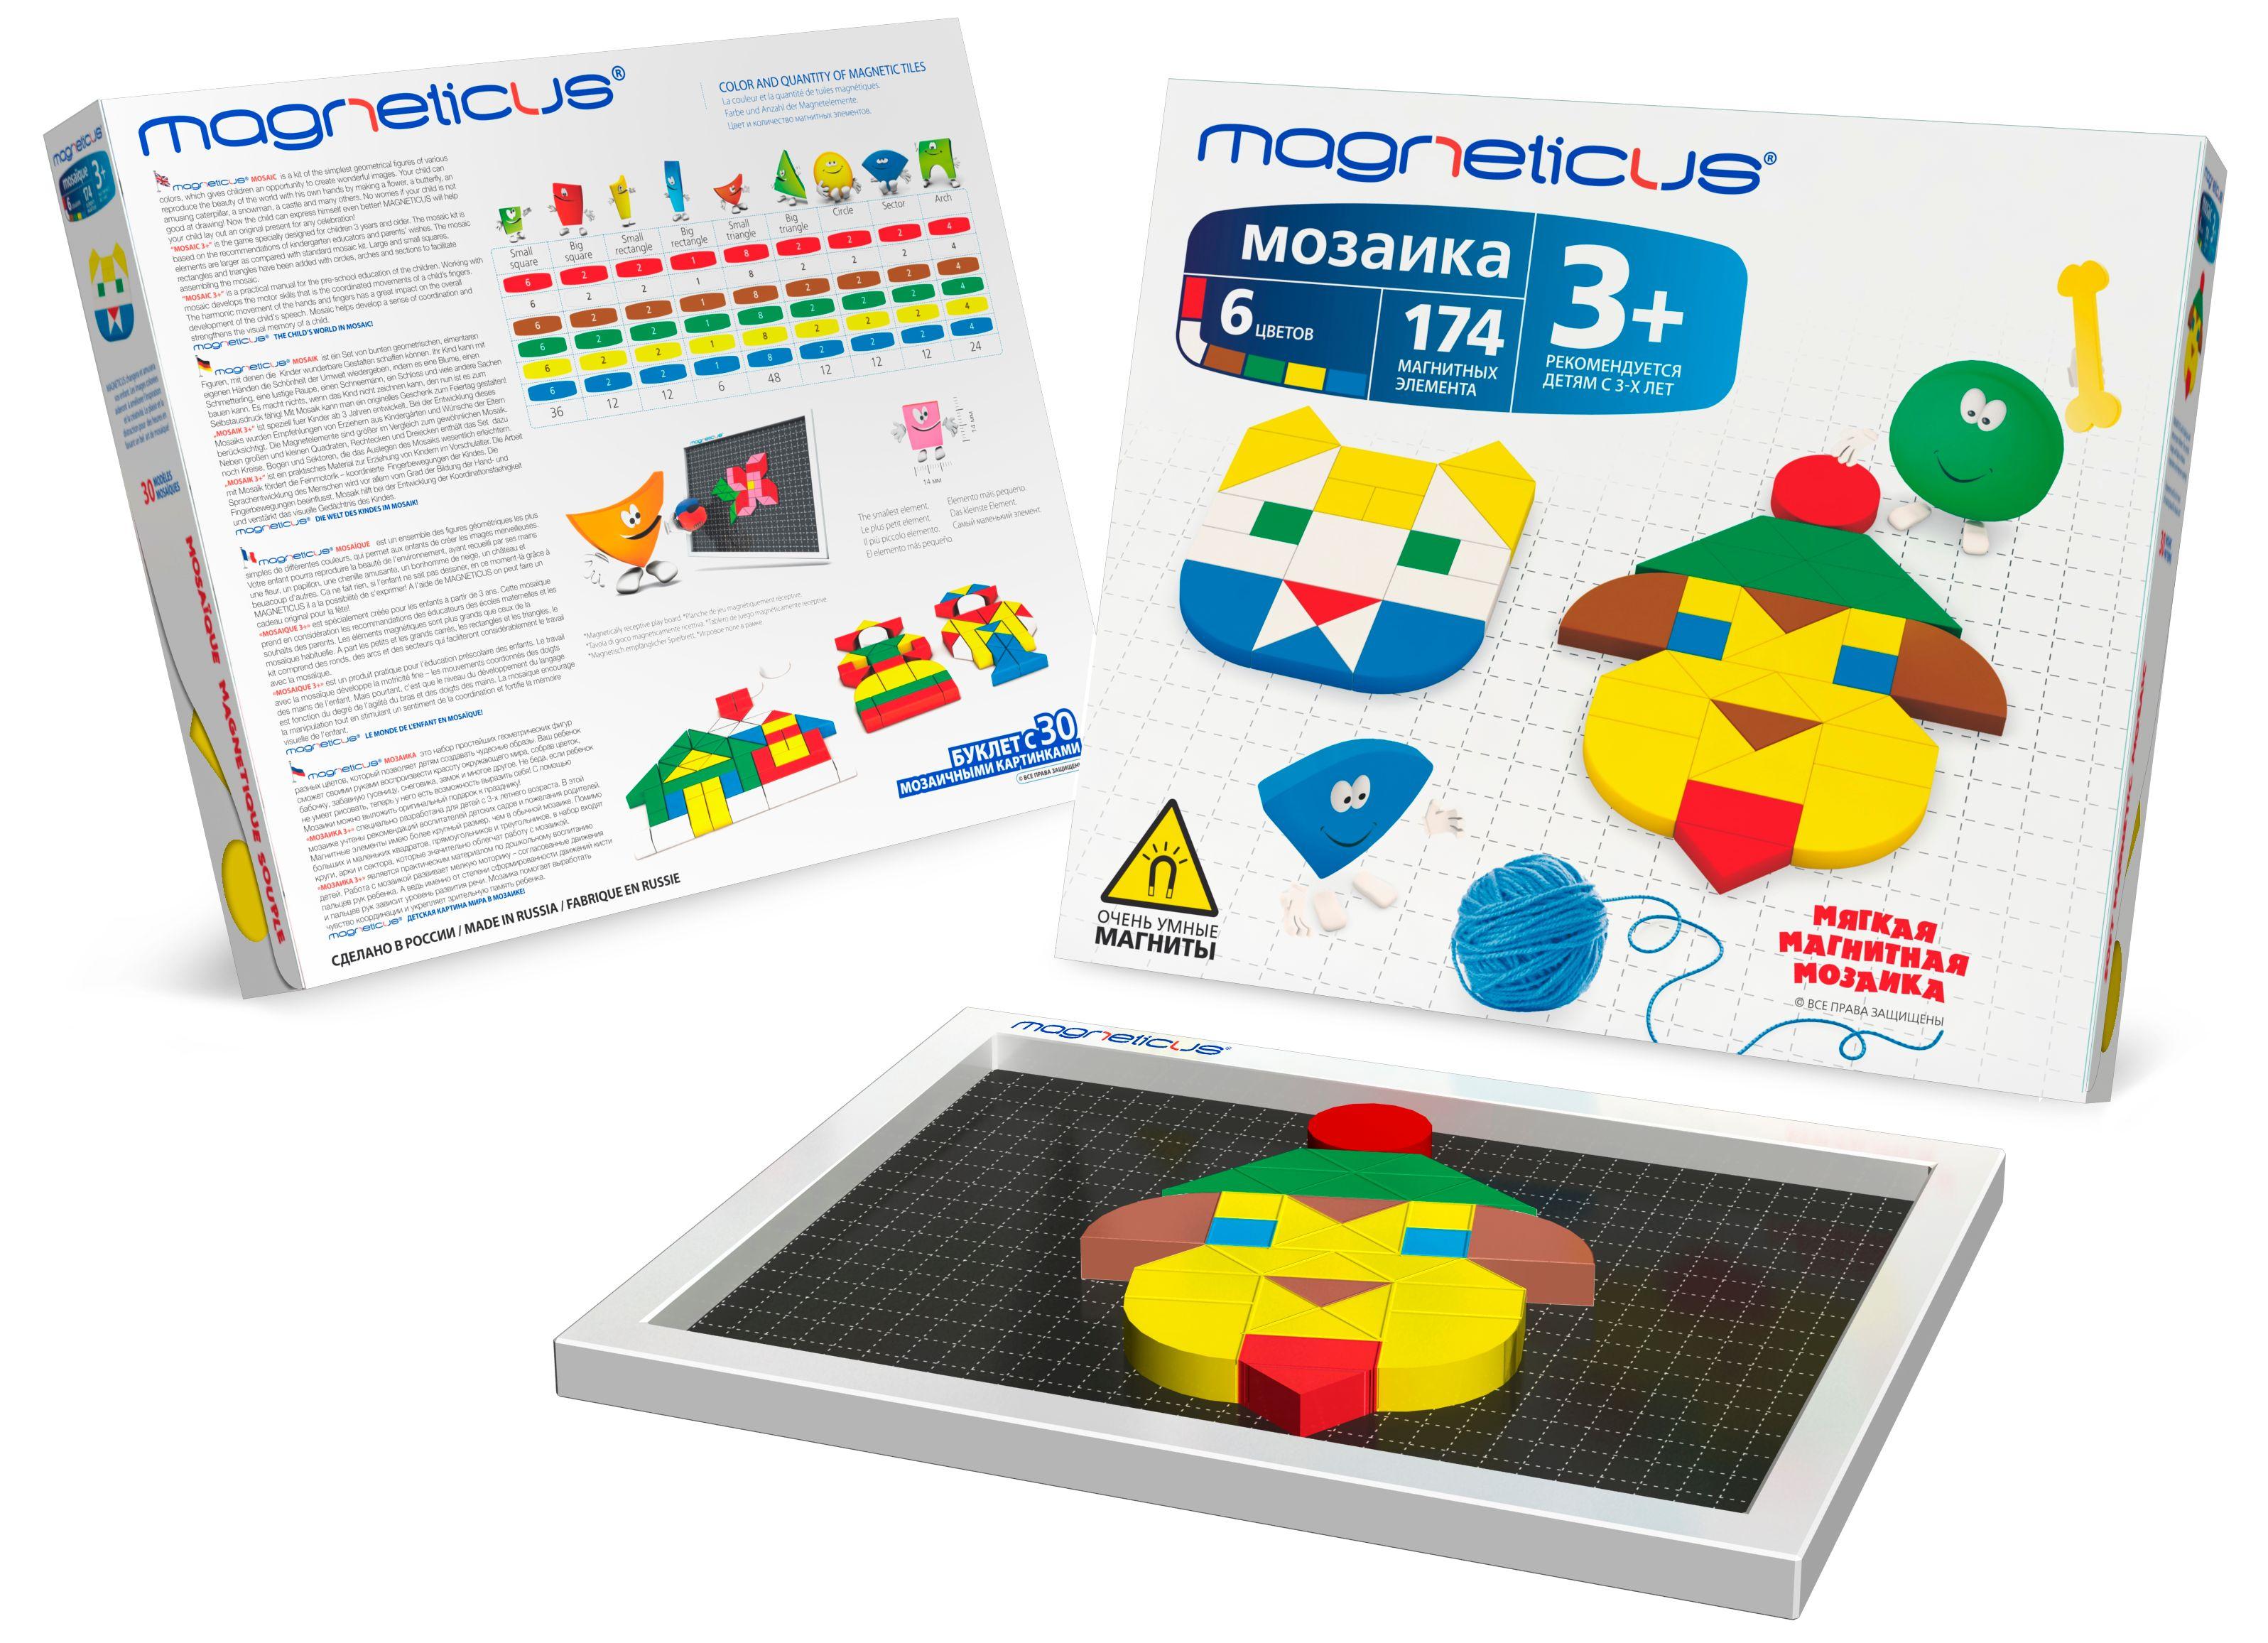 Мозаика магнитная для малышей Magneticus 174 эл. ИГРуС Magneticus, Магнетикус